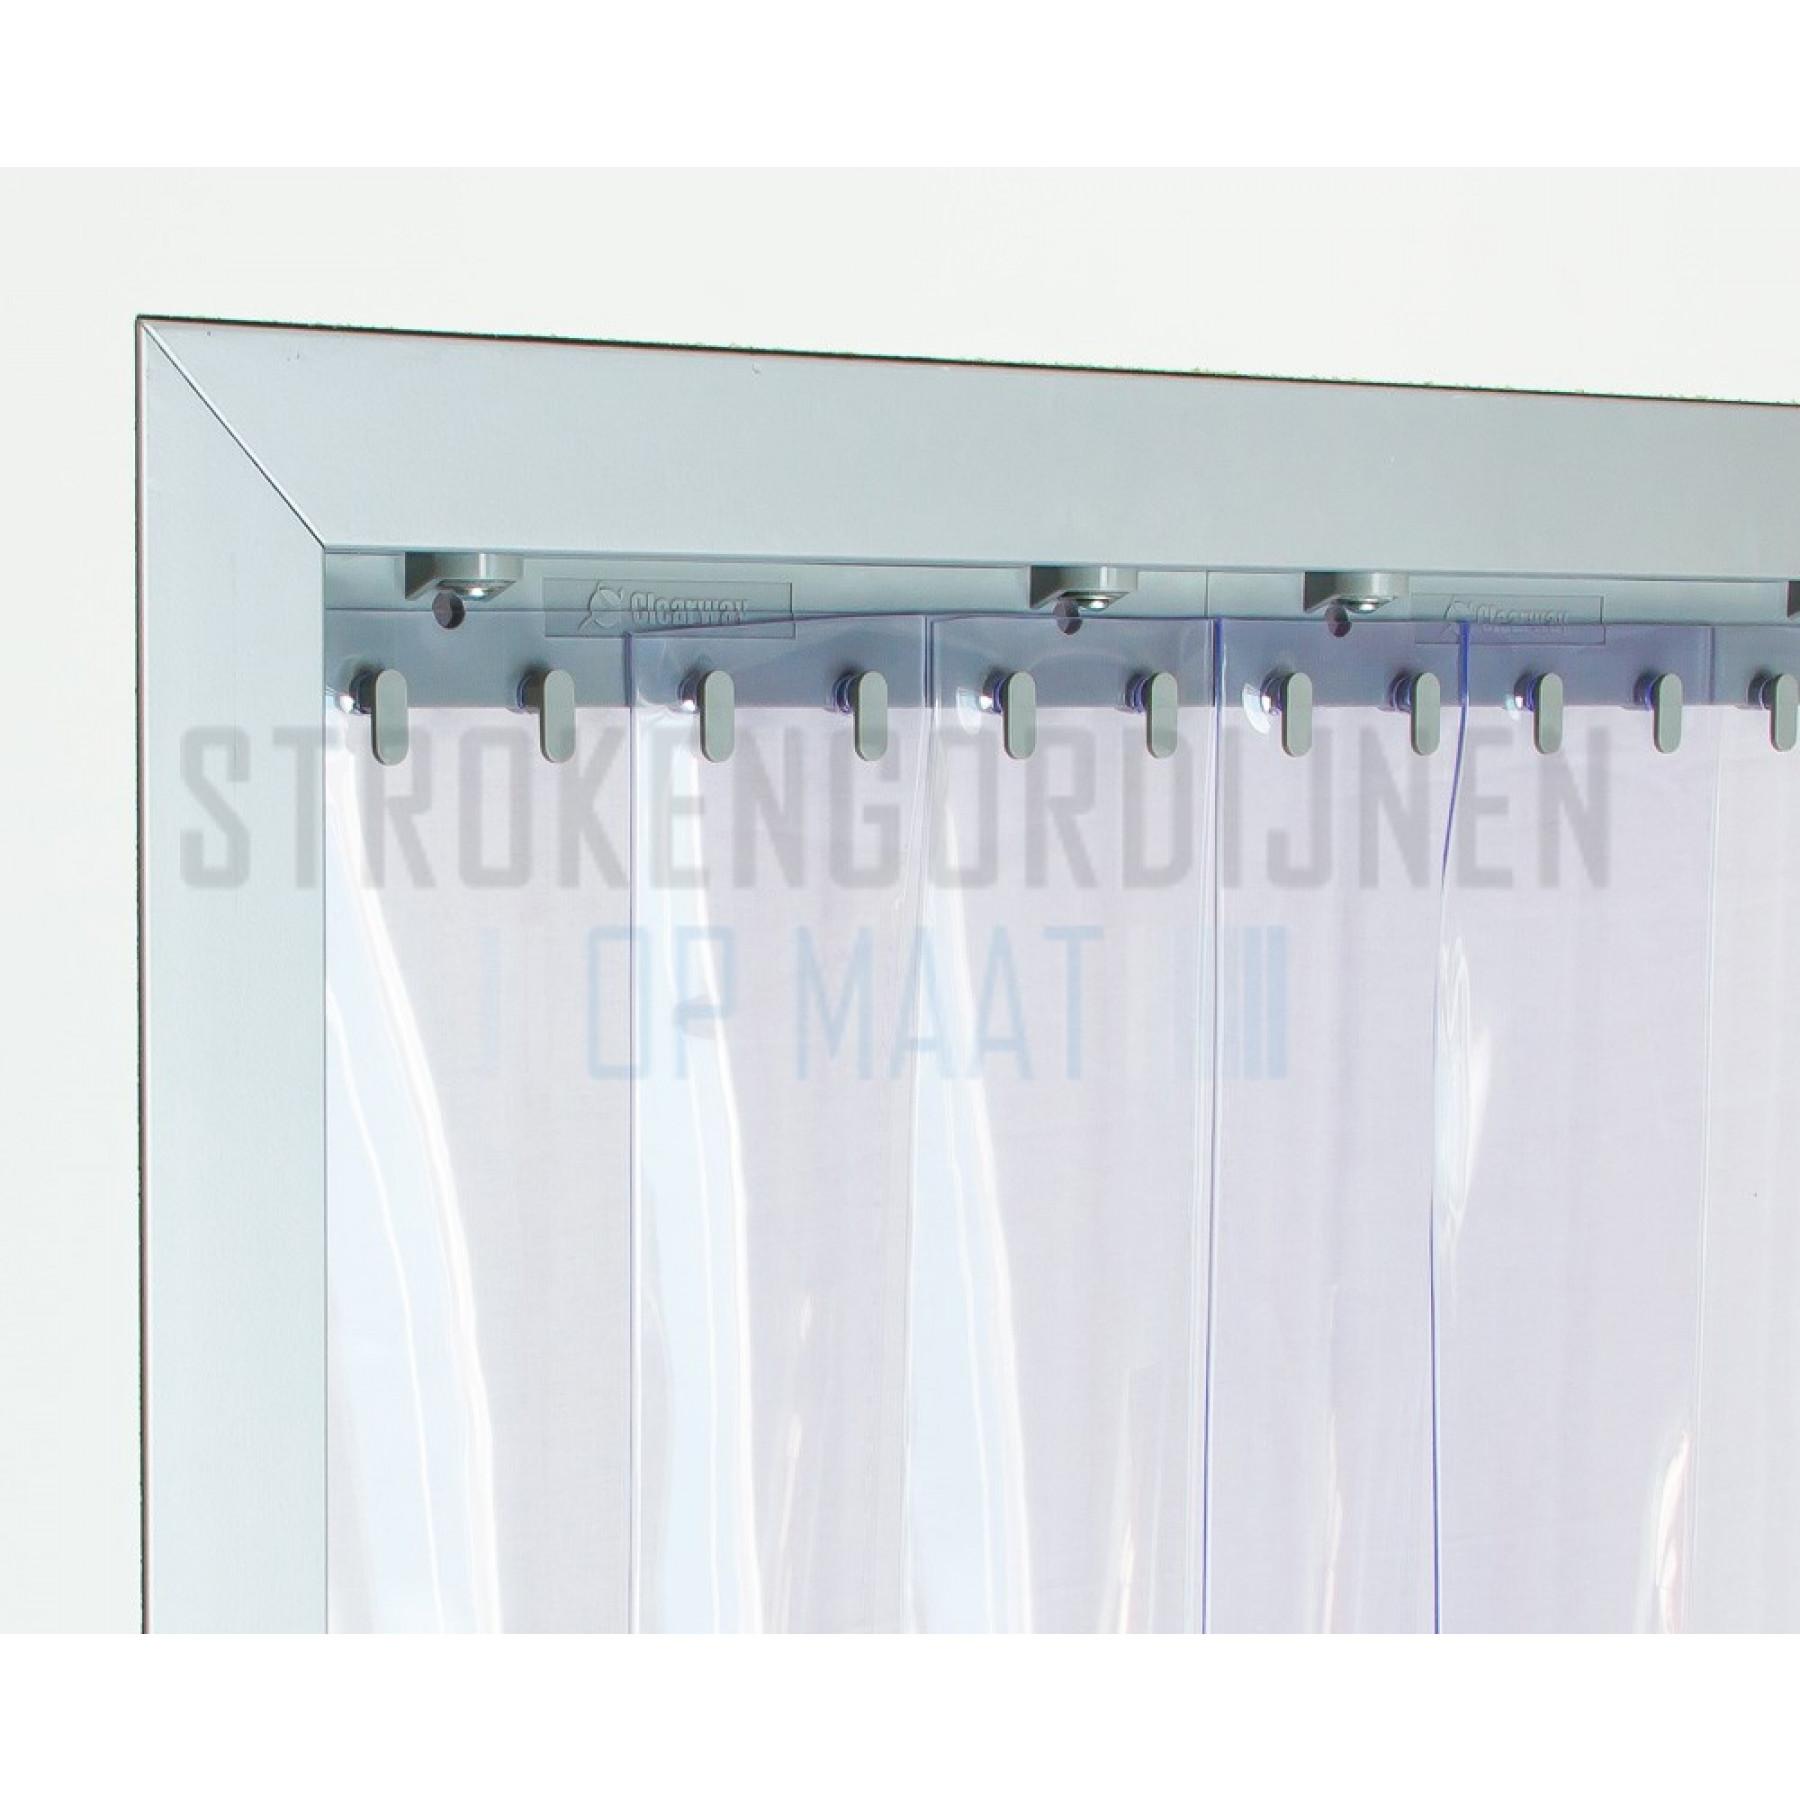 PVC stroken op maat, 200mm breed, 2mm dik, diepvrieskwaliteit, transparant